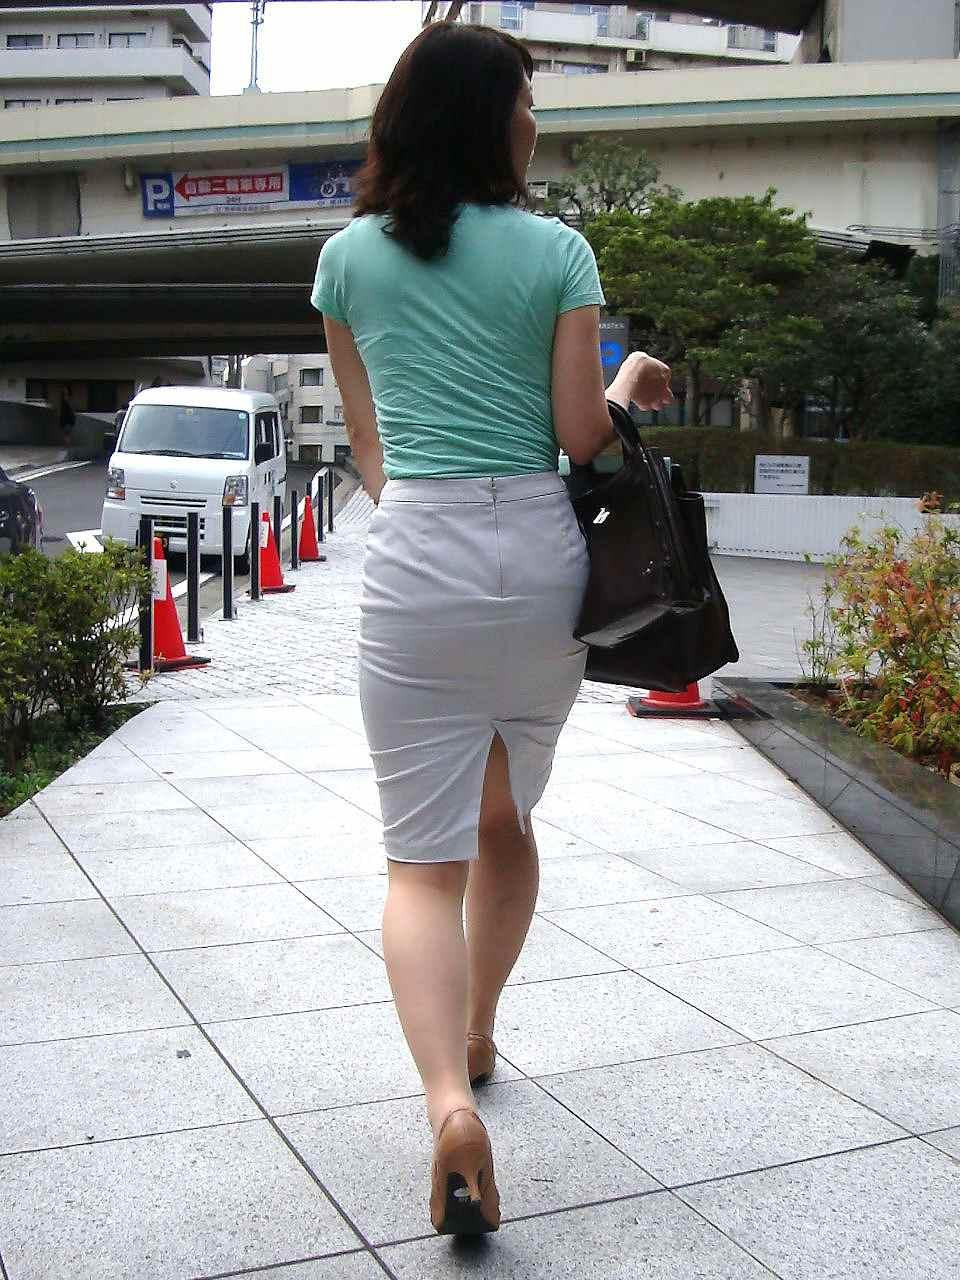 タイトスカート街角OL美尻盗撮エロ写メ画像5枚目